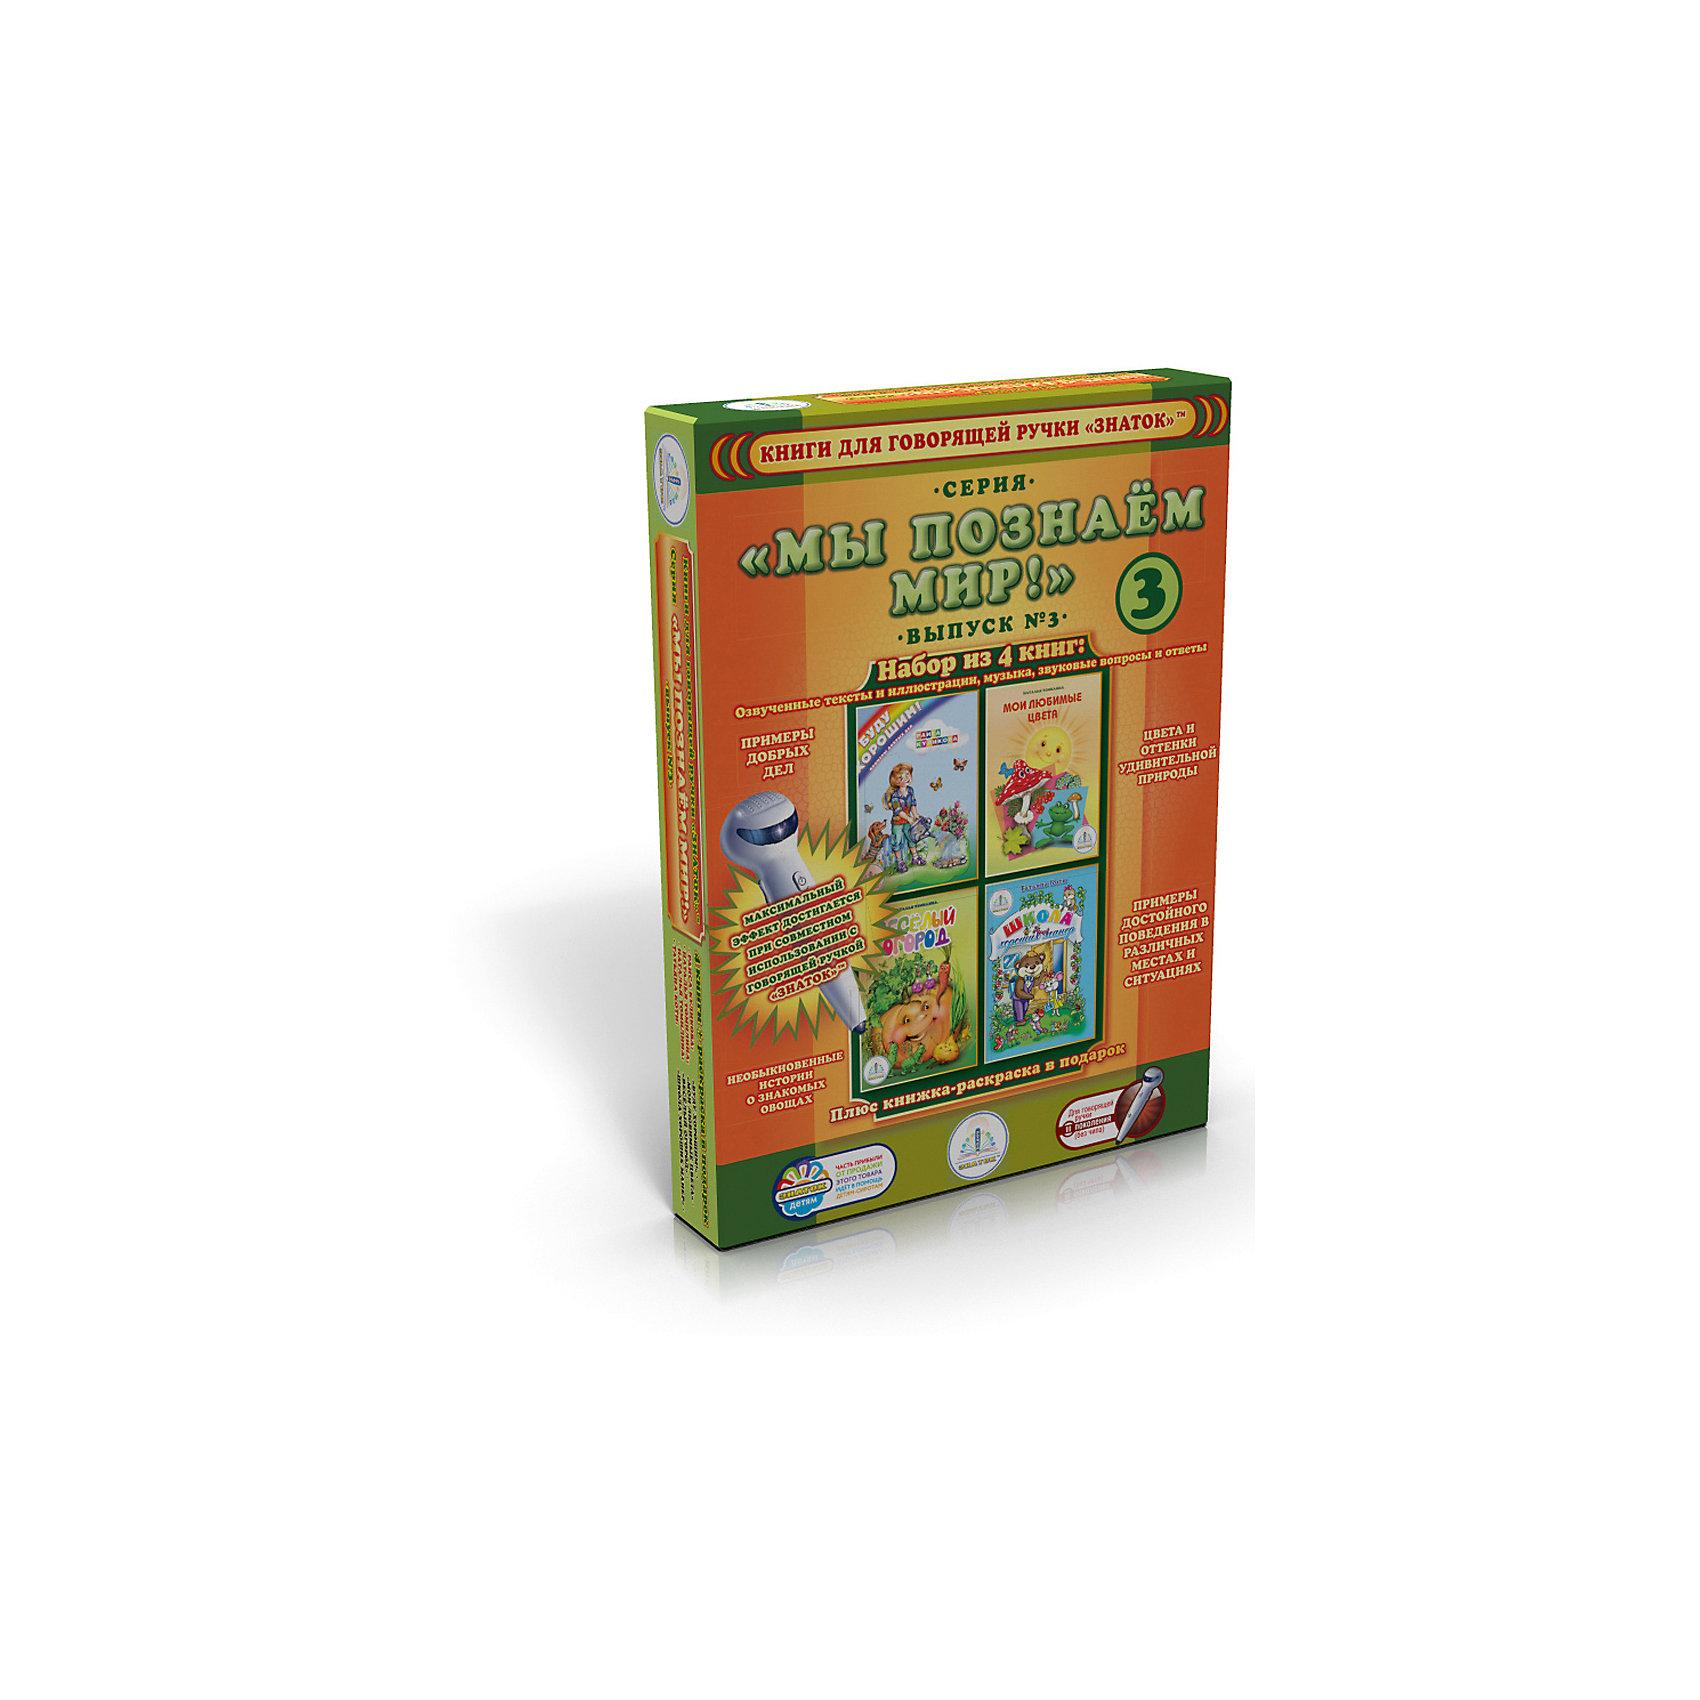 Набор книг для говорящей ручки Познаем мир 3Набор книг для говорящей ручки Познаем мир 3, Знаток<br><br>Характеристики:<br><br>• расскажет ребенку о правилах поведения, хороших манерах, цветах и растениях, растущих в огороде<br>• стихи и тексты озвучены<br>• можно проверить полученные знания с помощью экзамена<br>• интересные дополнения к стихам<br>• в комплекте 4 книги: Мои любимые цвета, Буду хорошим, Веселый огород, Школа хороших манер<br>• Авторы: Наталья Томилина, Раиса Куликова, Татьяна Коти<br>• ISBN: 9785424400285<br>• размер упаковки: 26,5х3,5х19,5 см<br>• вес: 1300 грамм<br><br>Набор книг Познаем мир. Выпуск 3 познакомит вашего ребенка с хорошими манерами, правилами поведения, цветах и растениях из огорода. С помощью Говорящей ручки Знаток малыш прослушает веселые стихи, рассказы и дополнения. Звуковой экзамен поможет ребенку закрепить свои знания. С этой ручкой ваш ребенок легко и с интересом узнает больше об окружающем мире!<br><br>Набор книг для говорящей ручки Познаем мир 3, Знаток можно купить в нашем интернет-магазине.<br><br>Ширина мм: 195<br>Глубина мм: 35<br>Высота мм: 265<br>Вес г: 1300<br>Возраст от месяцев: 36<br>Возраст до месяцев: 84<br>Пол: Унисекс<br>Возраст: Детский<br>SKU: 5296324